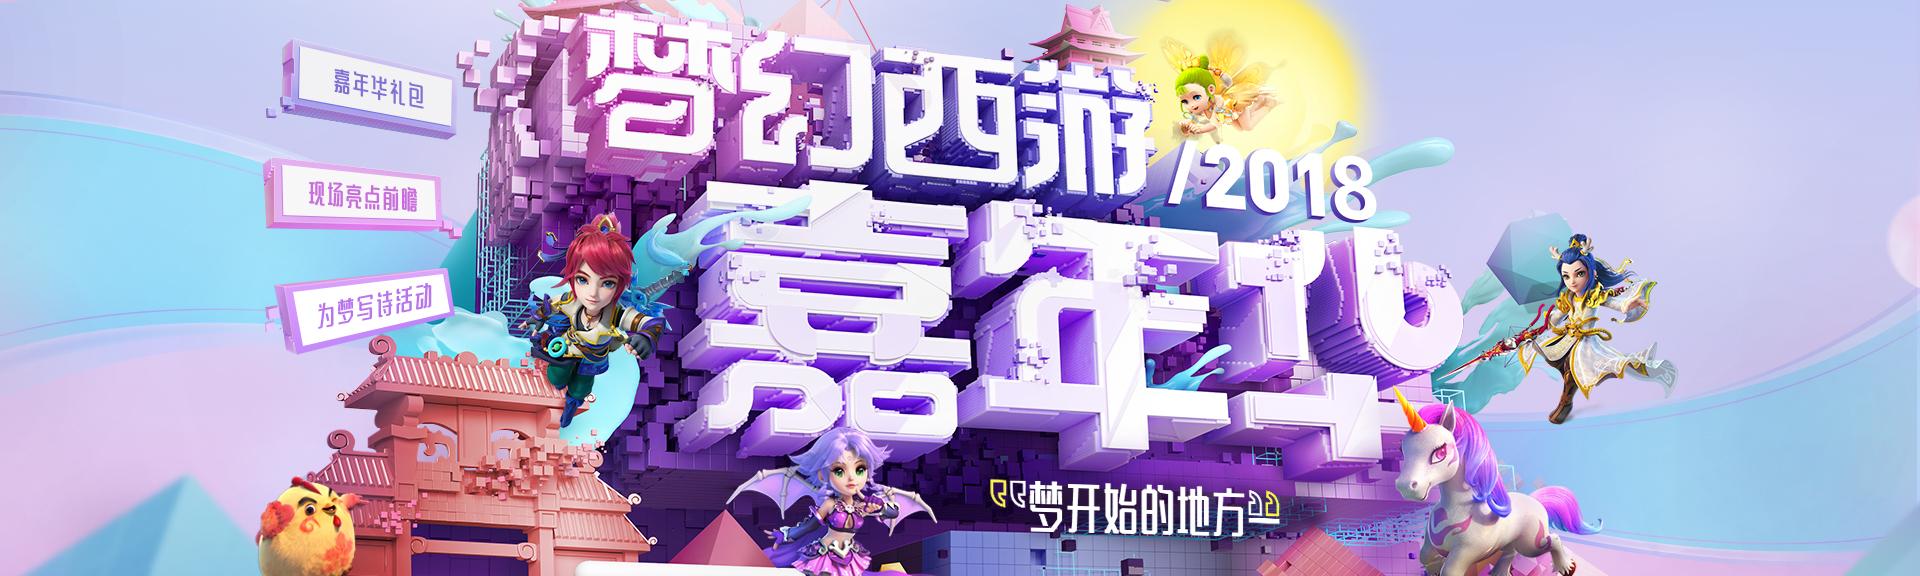 盛典狂欢 梦幻西游2018嘉年华礼包正式开售